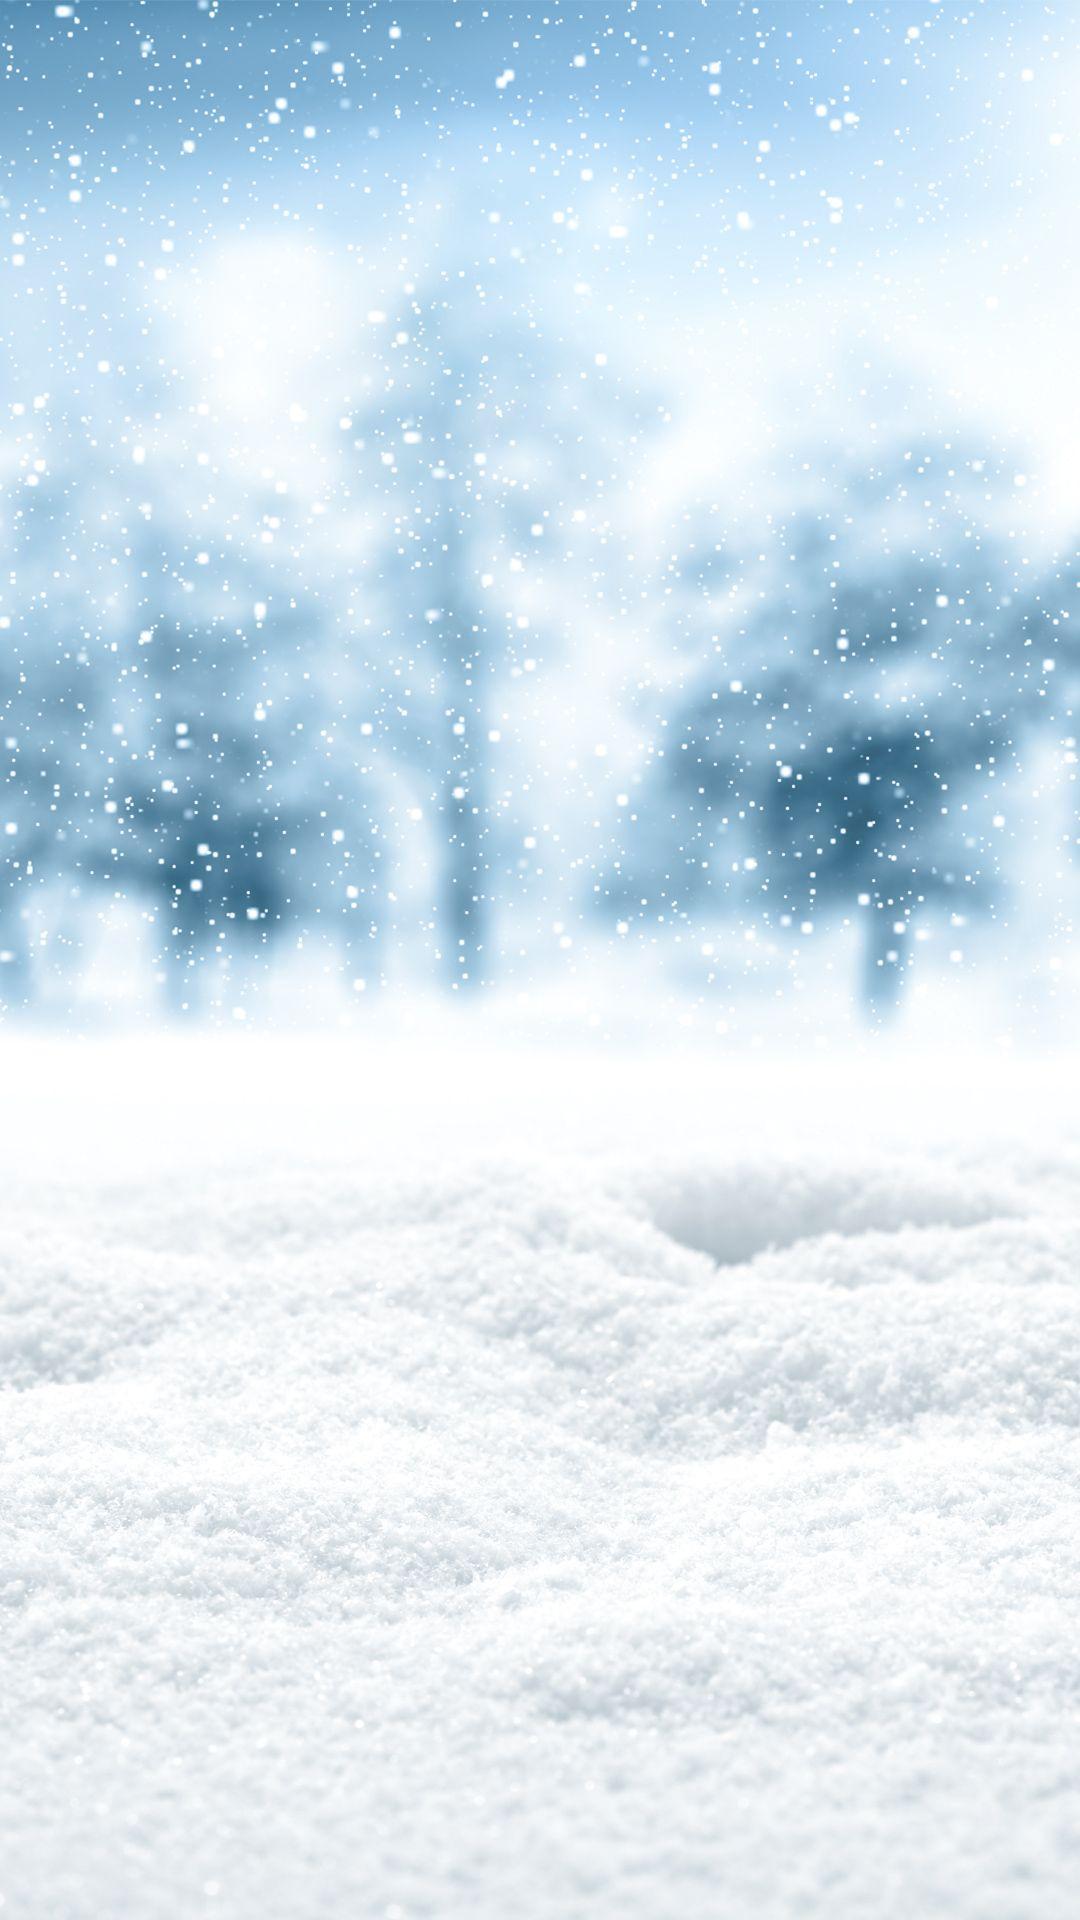 мужчины стремятся снег для фото на айфон все